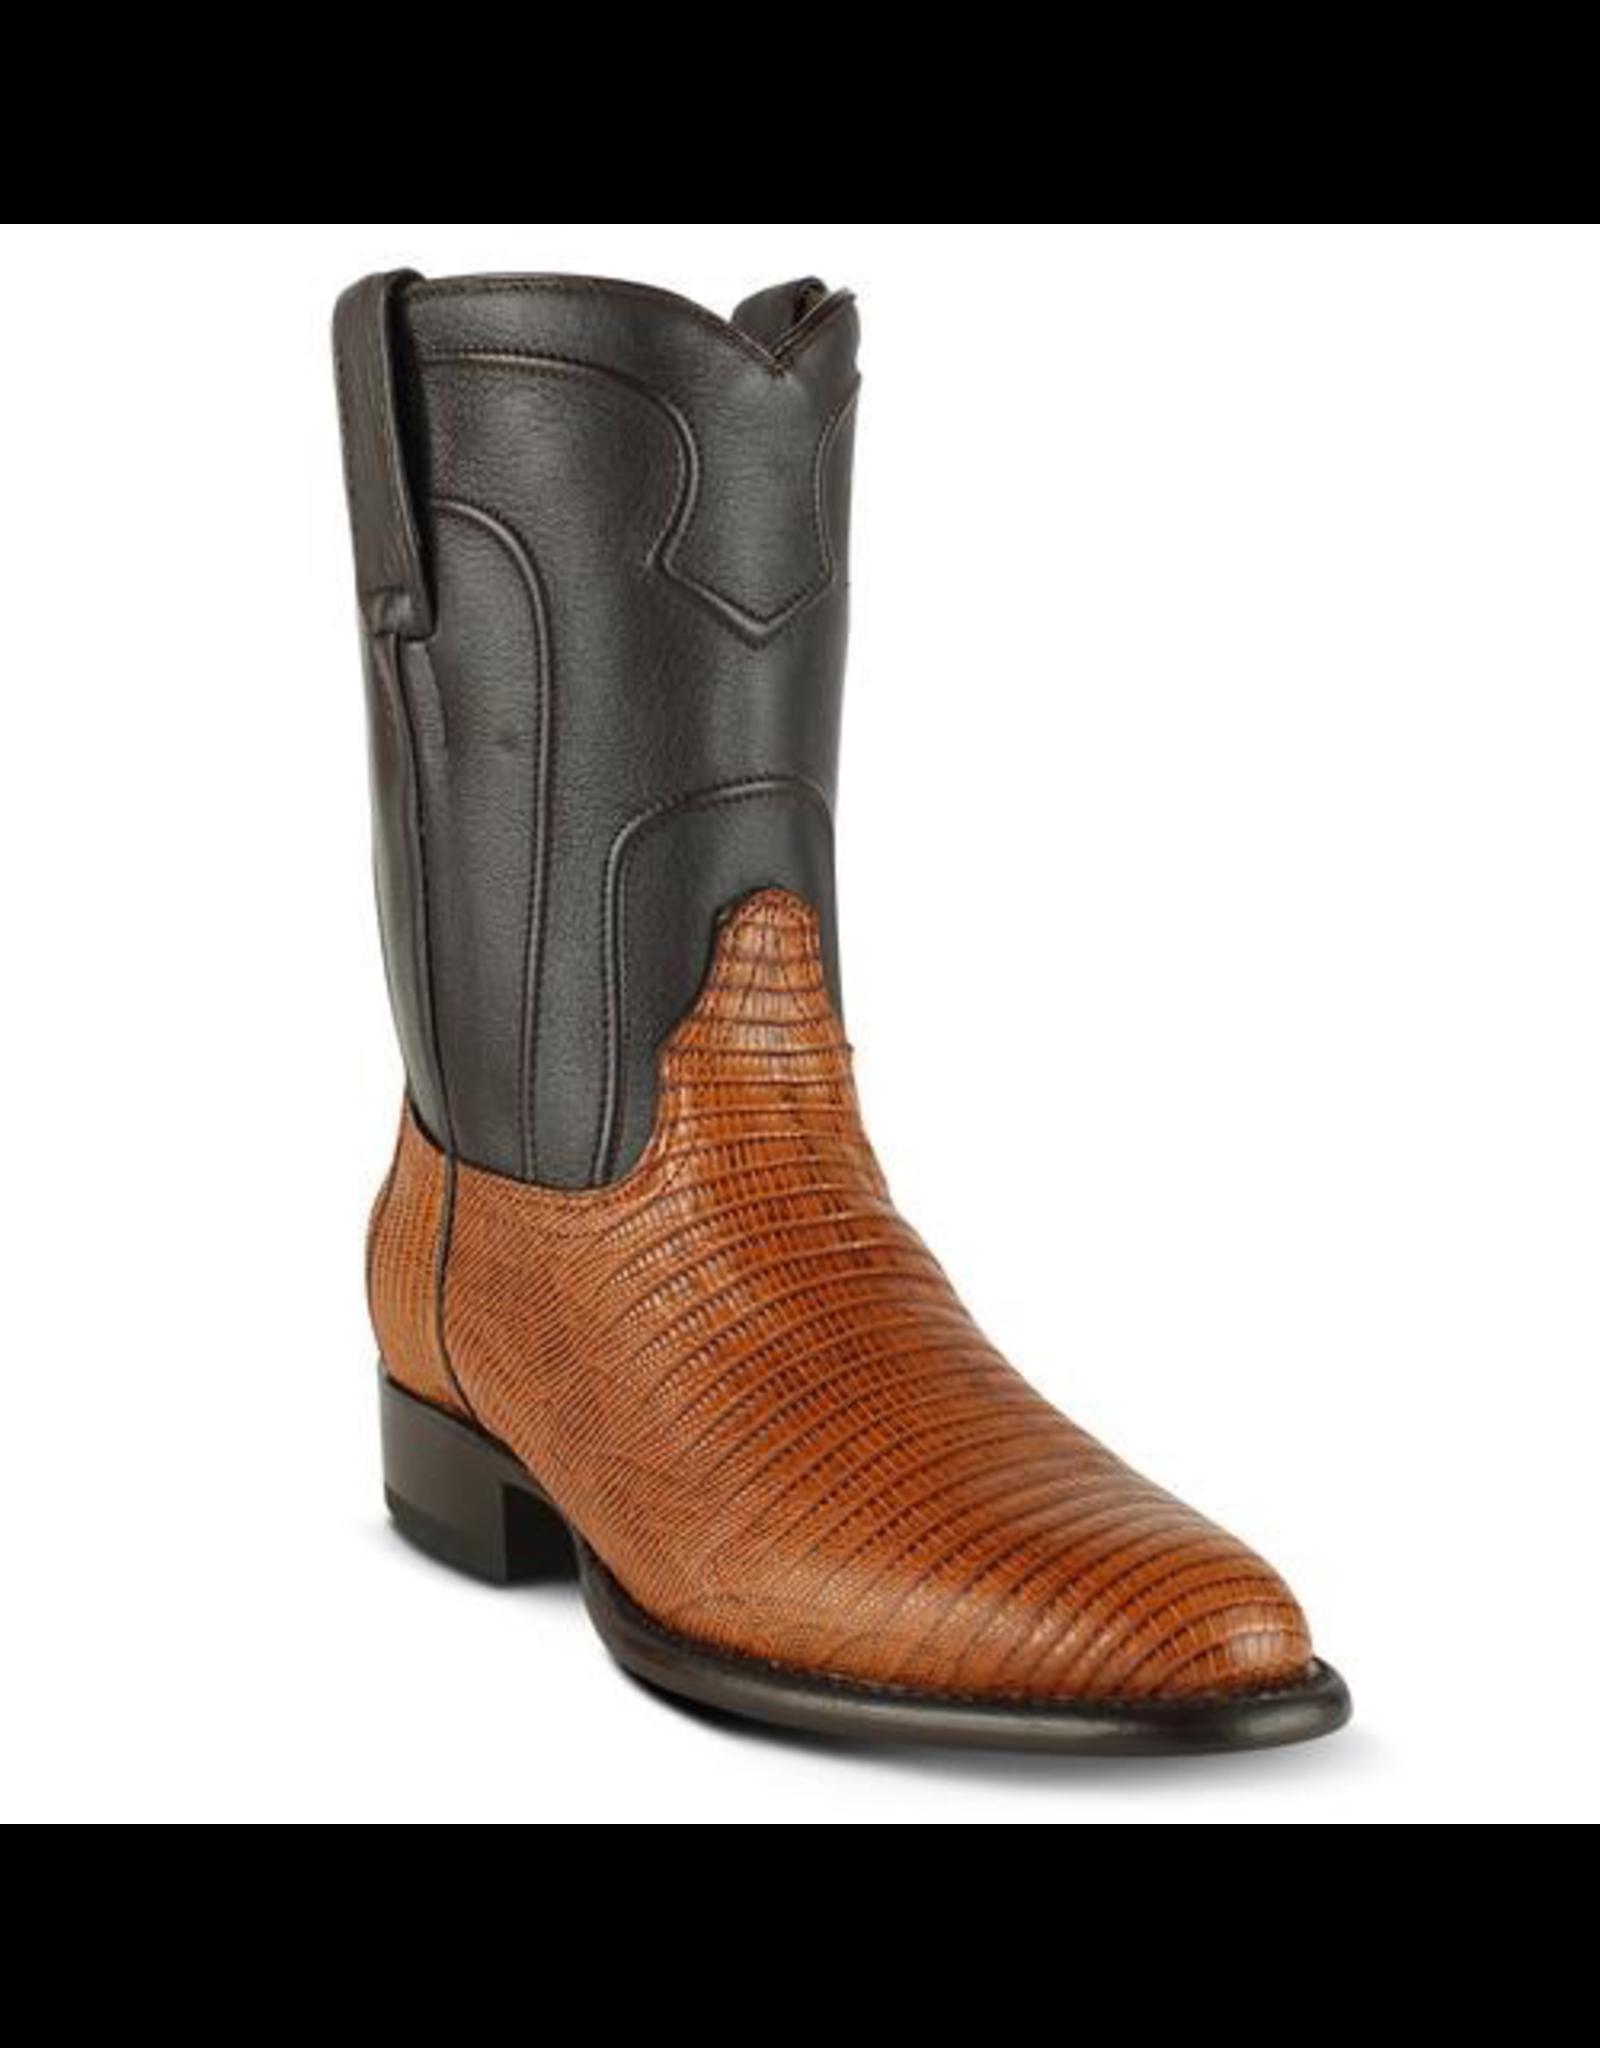 Boots-Men LOS ALTOS Teju Lizard Roper